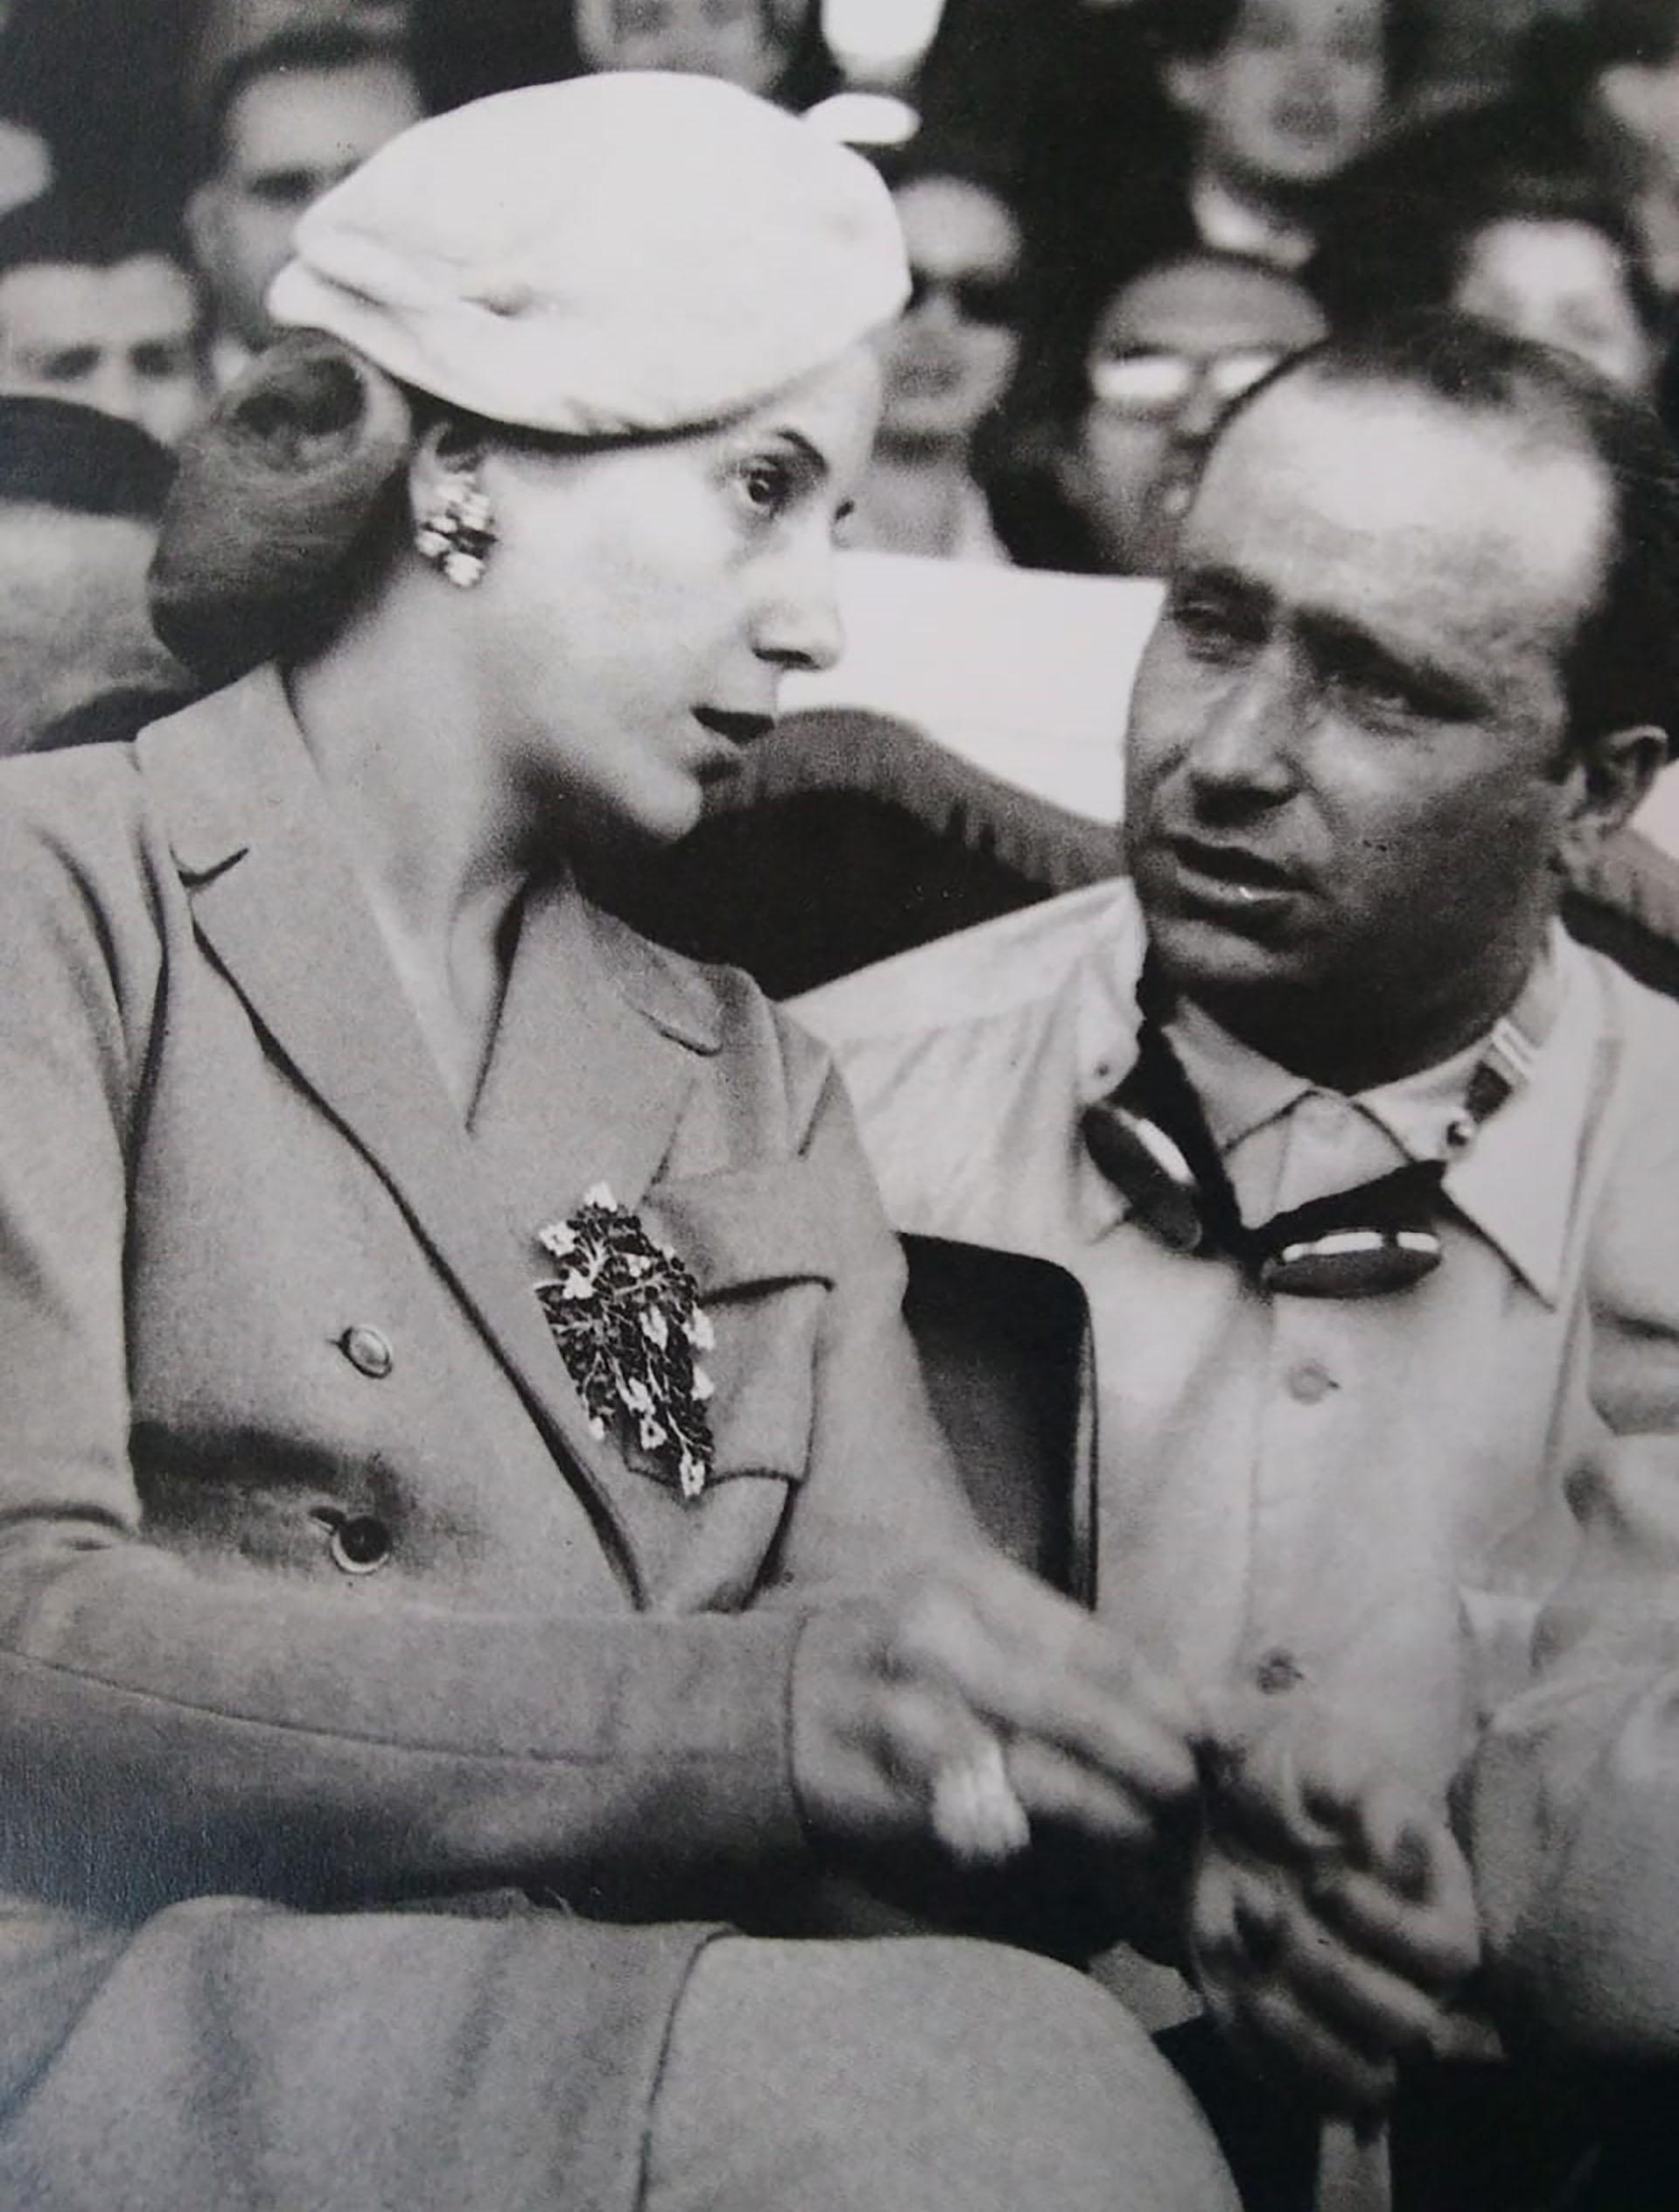 Eva Perón en compañía de Juan Manuel Fangio, el múltiple campeón de automovilismo